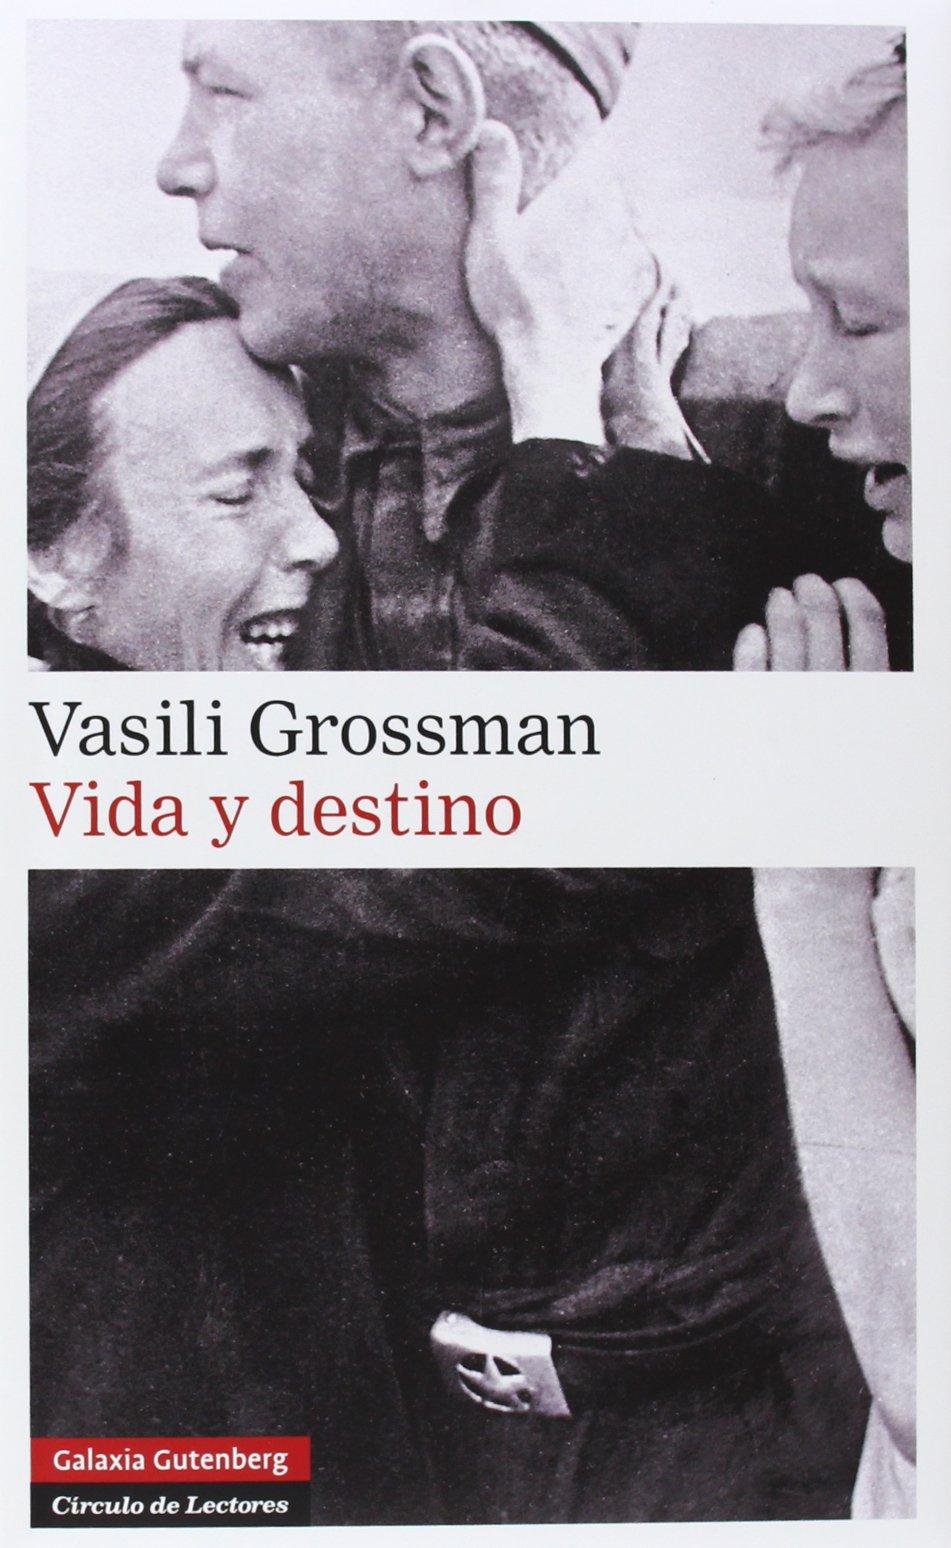 Portada de la novela Vida y destino, de Vasili Grossman